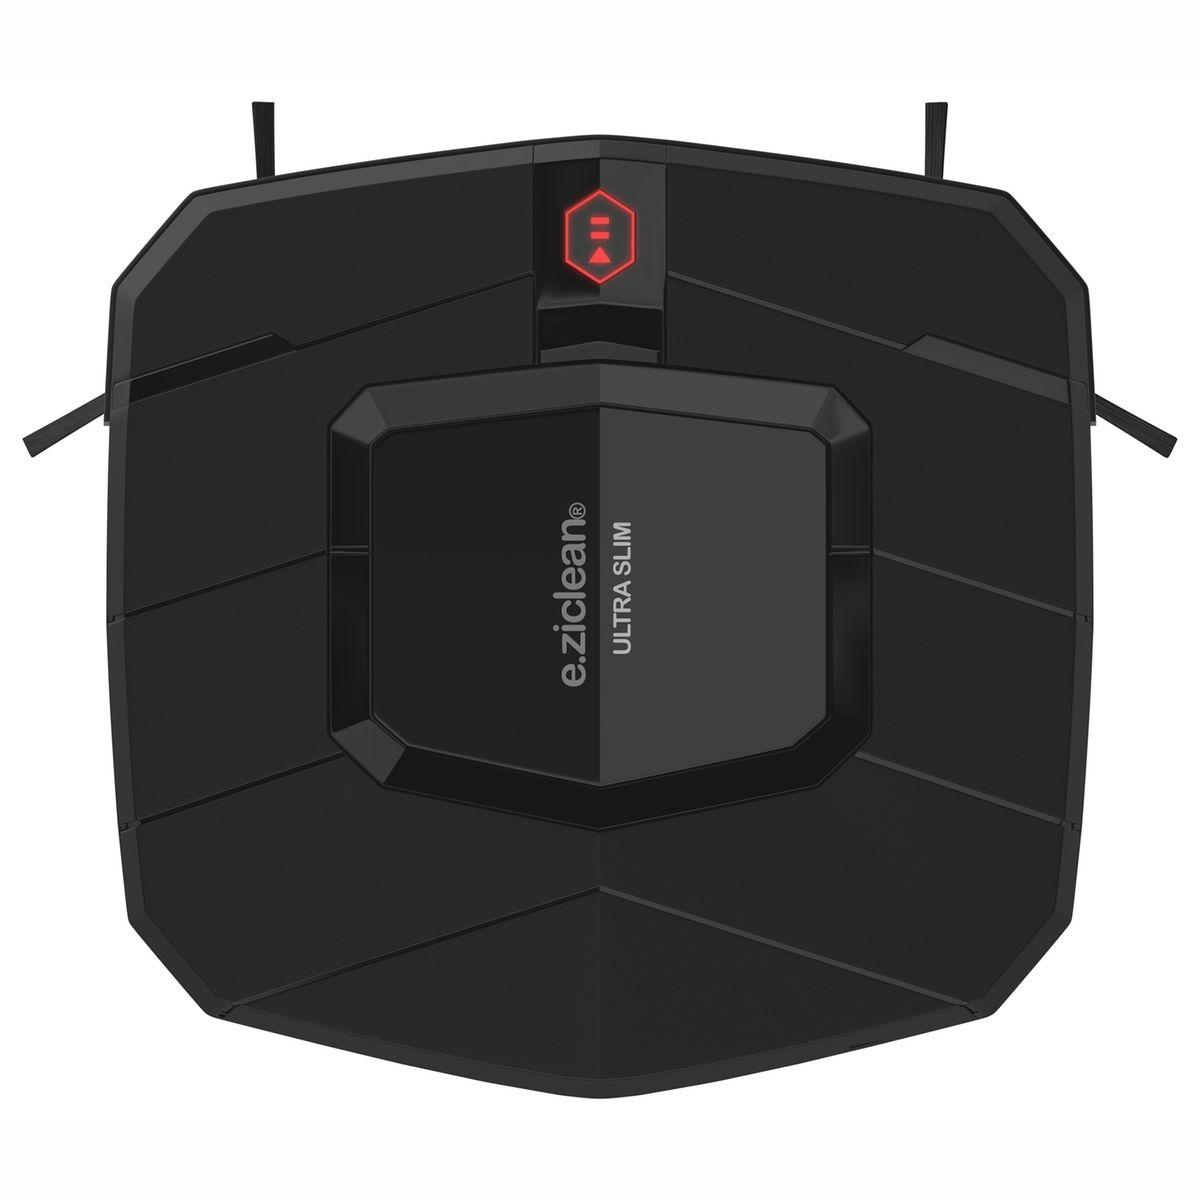 Aspirateur Robot ULTRA SLIM BLACK V2